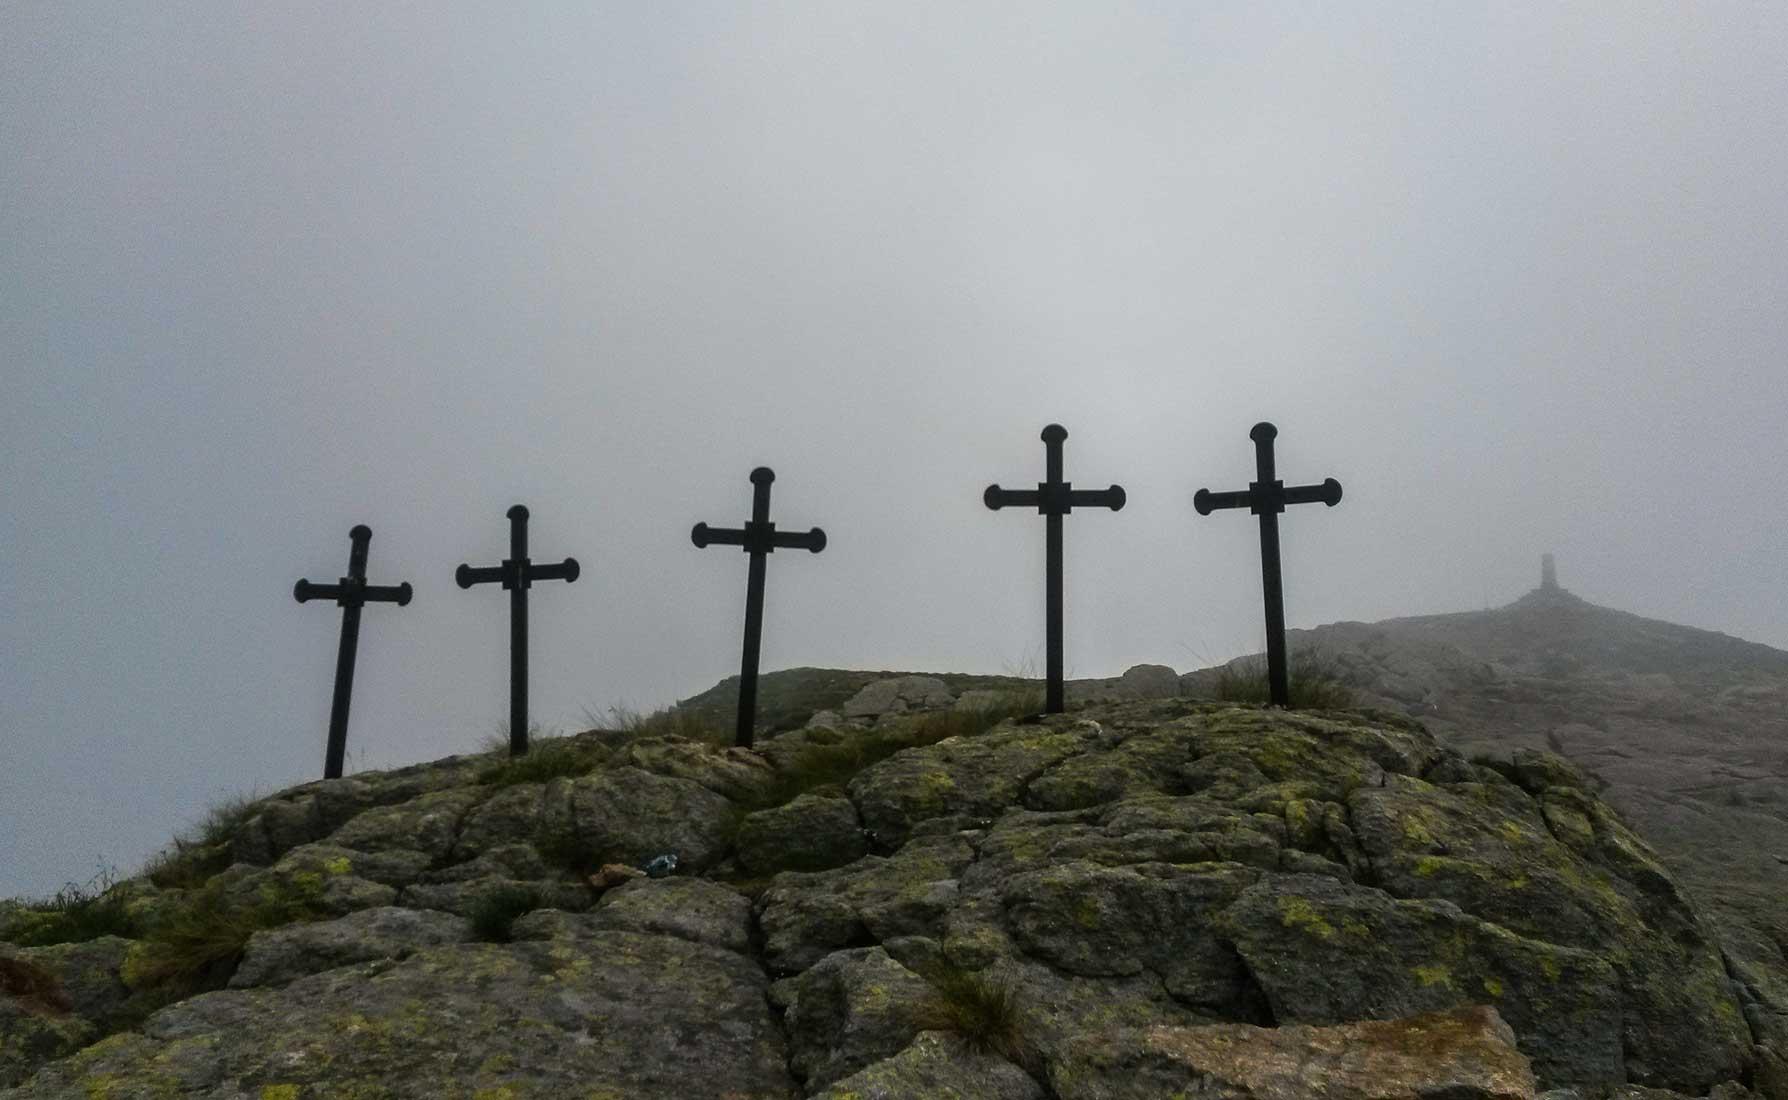 Le Cinque Croci erette a ricordo di cinque giovani valdostani travolti da una slavina nel 1787 nel viaggio di ritorno dalla processione